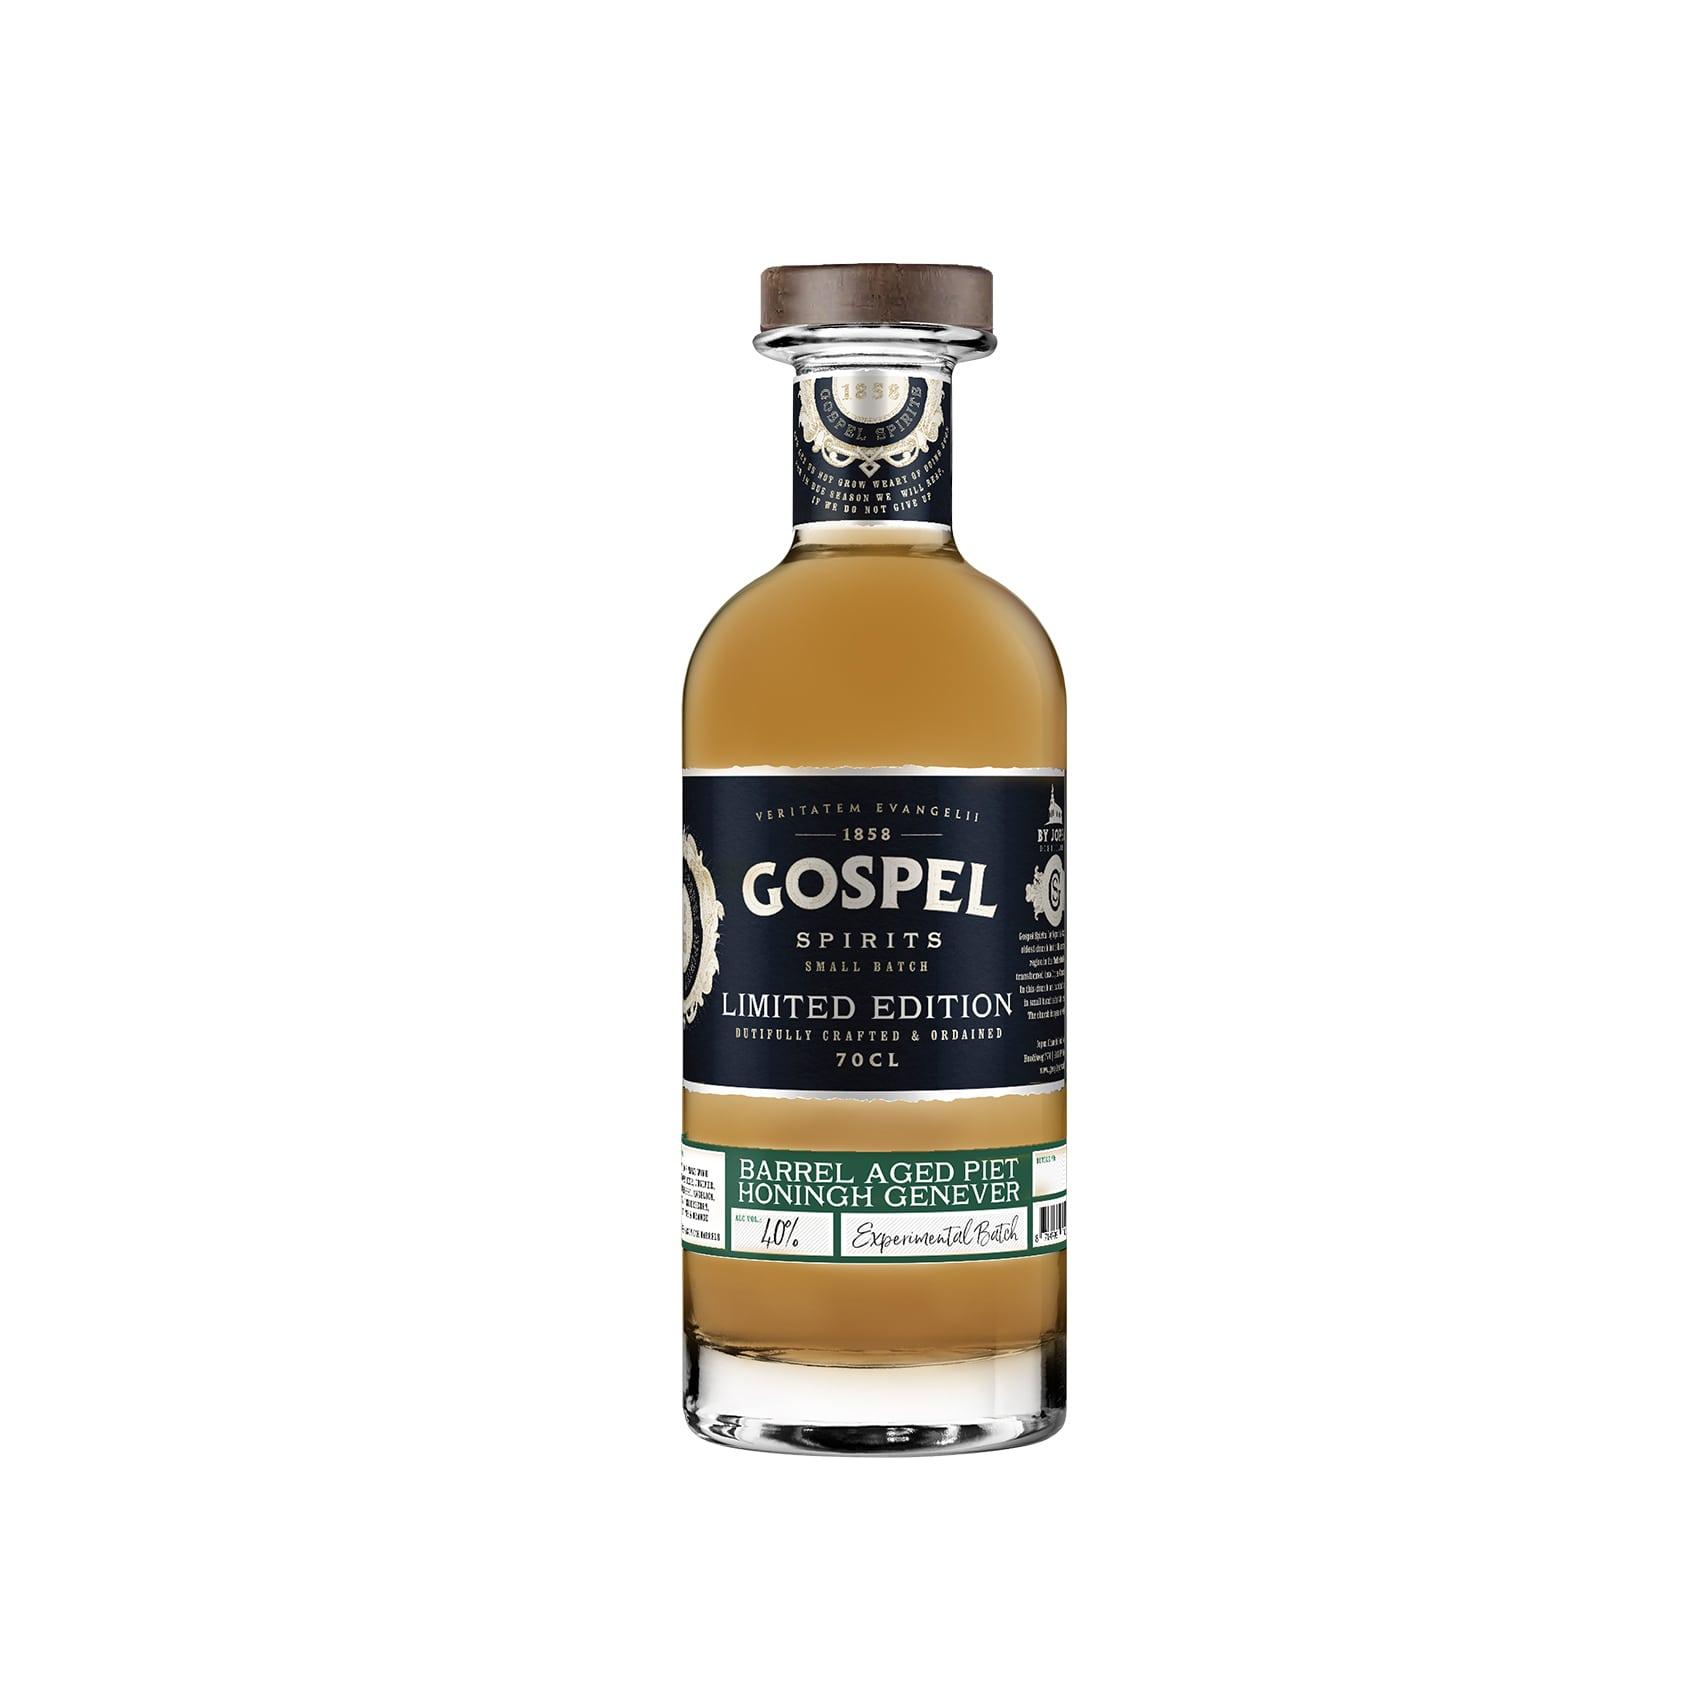 Gospel Spirits Piet Honingh Genever Barrel Aged